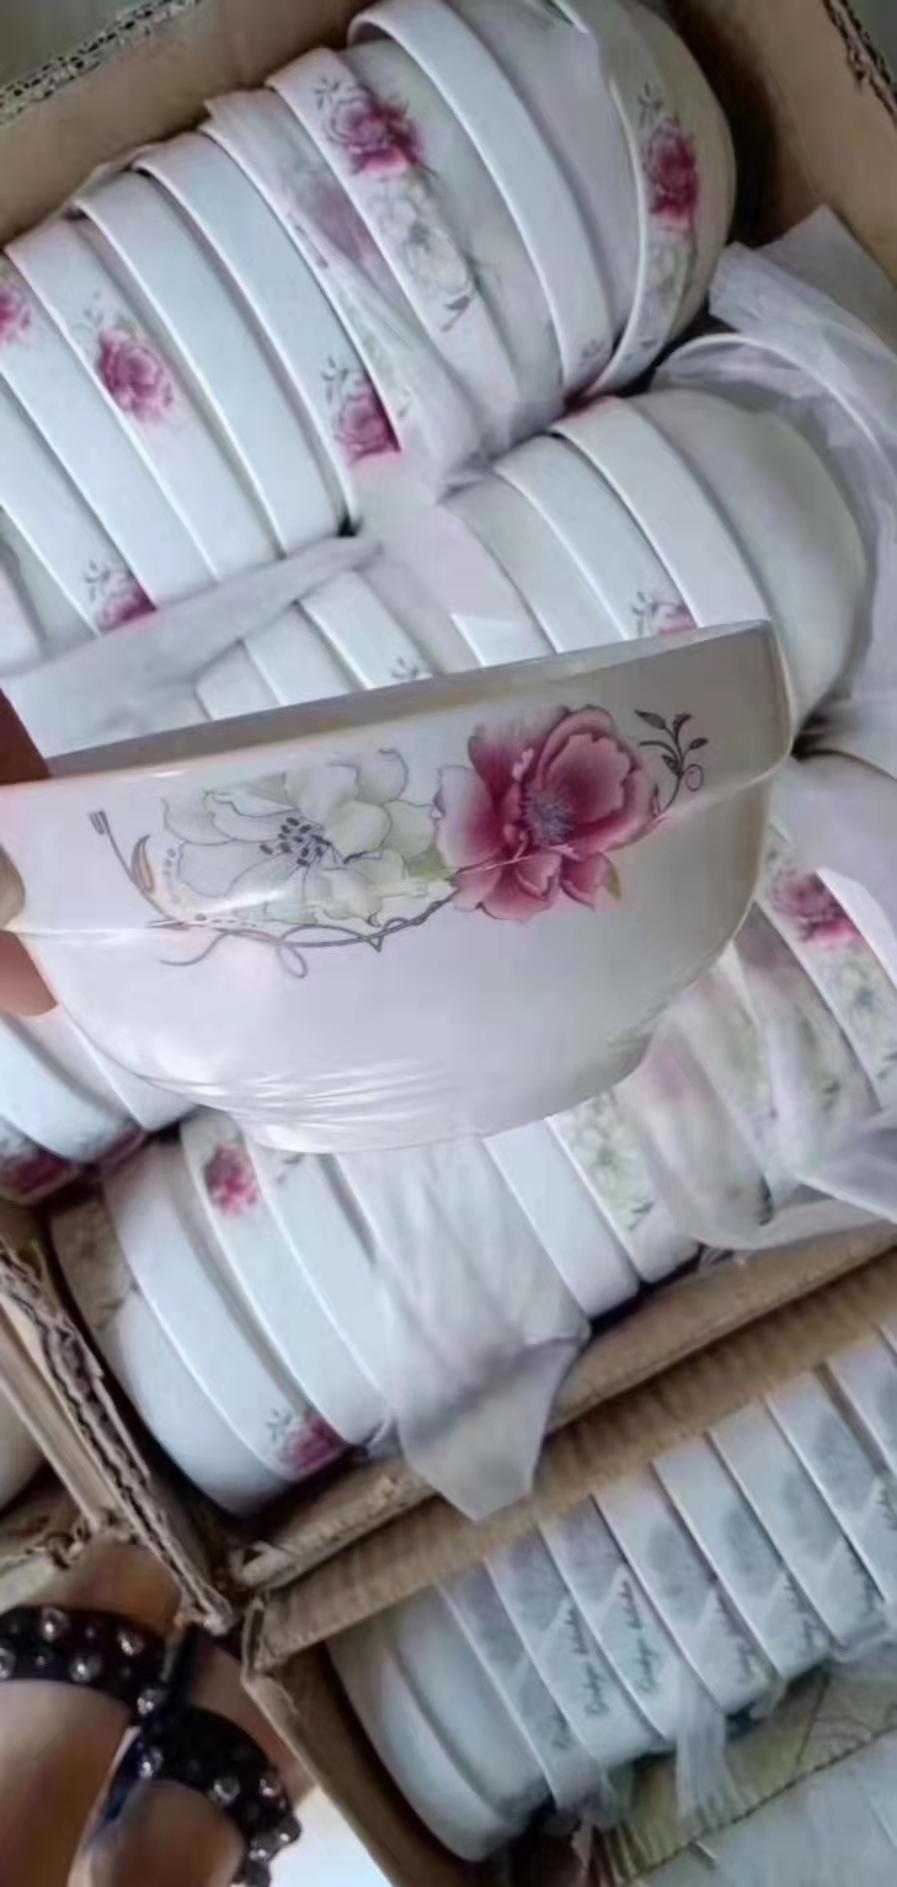 夜市廟會彩瓷花瓷白瓷食具2元模式好做嗎